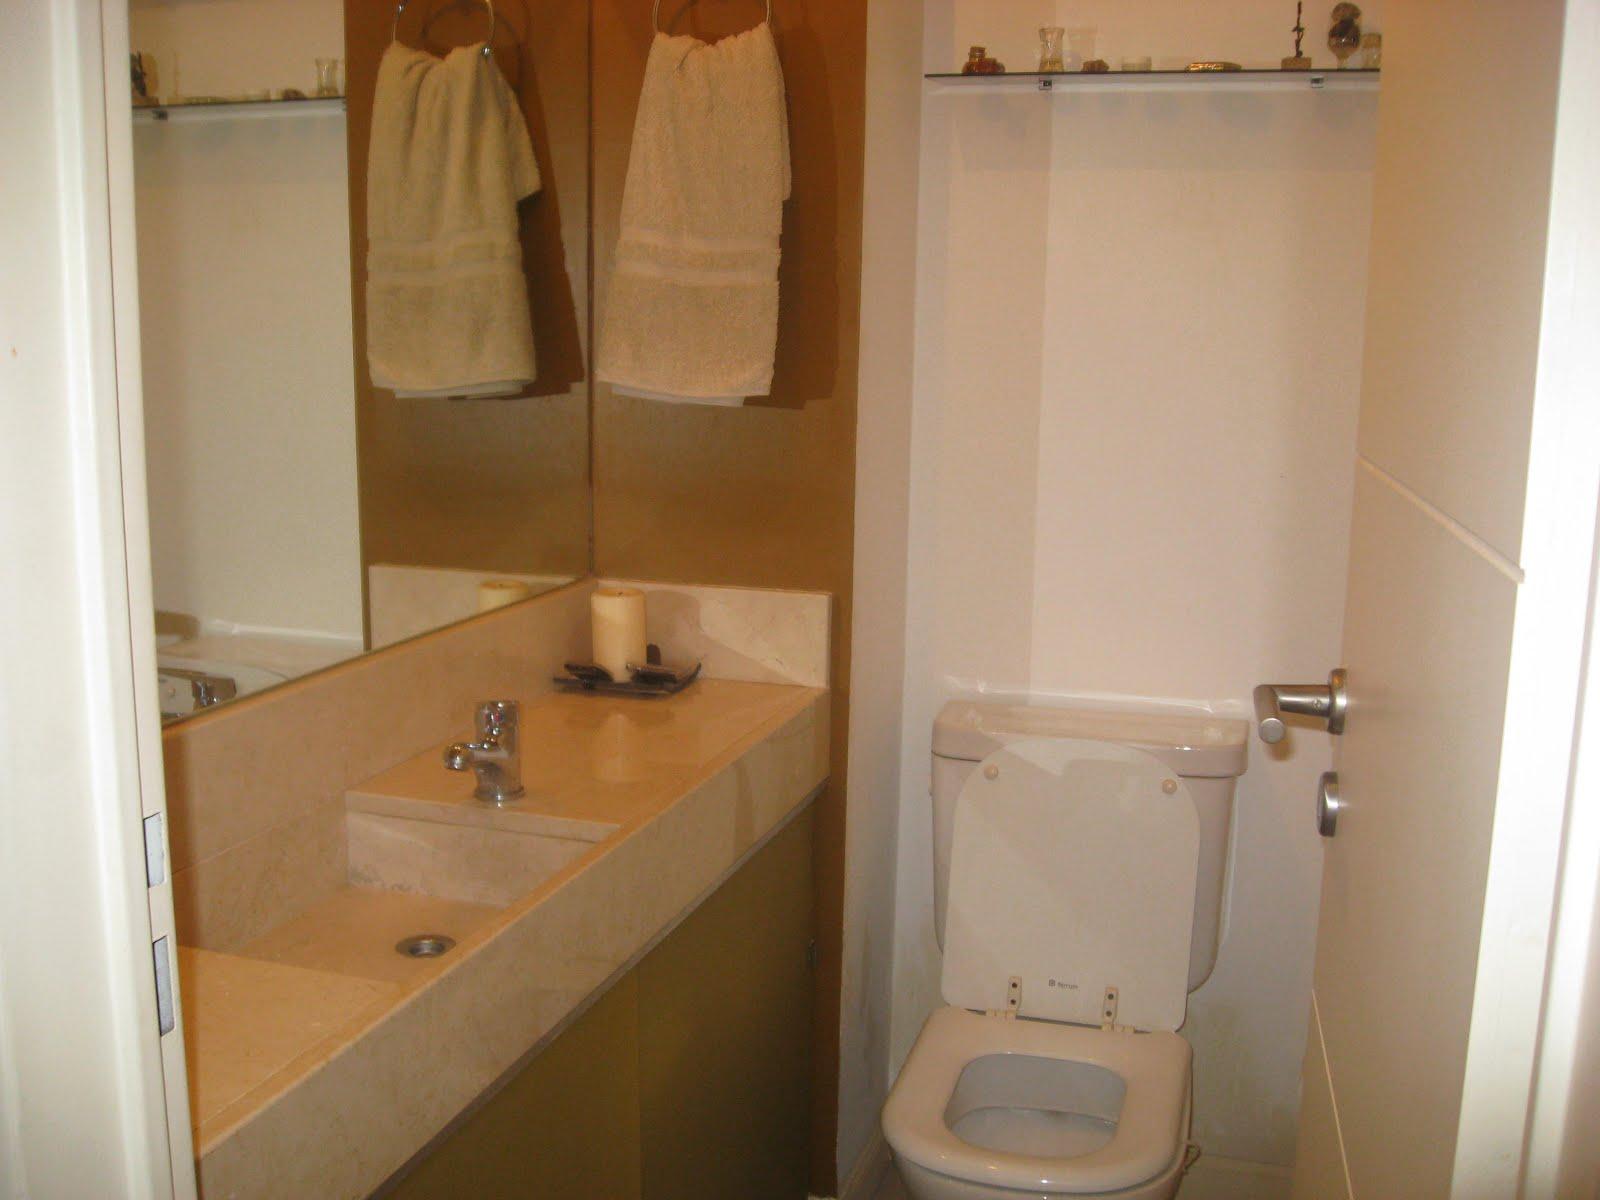 Iluminacion De Un Baño Pequeno:ni ducha Es un tocador que generalmente se encuentra en la sala de